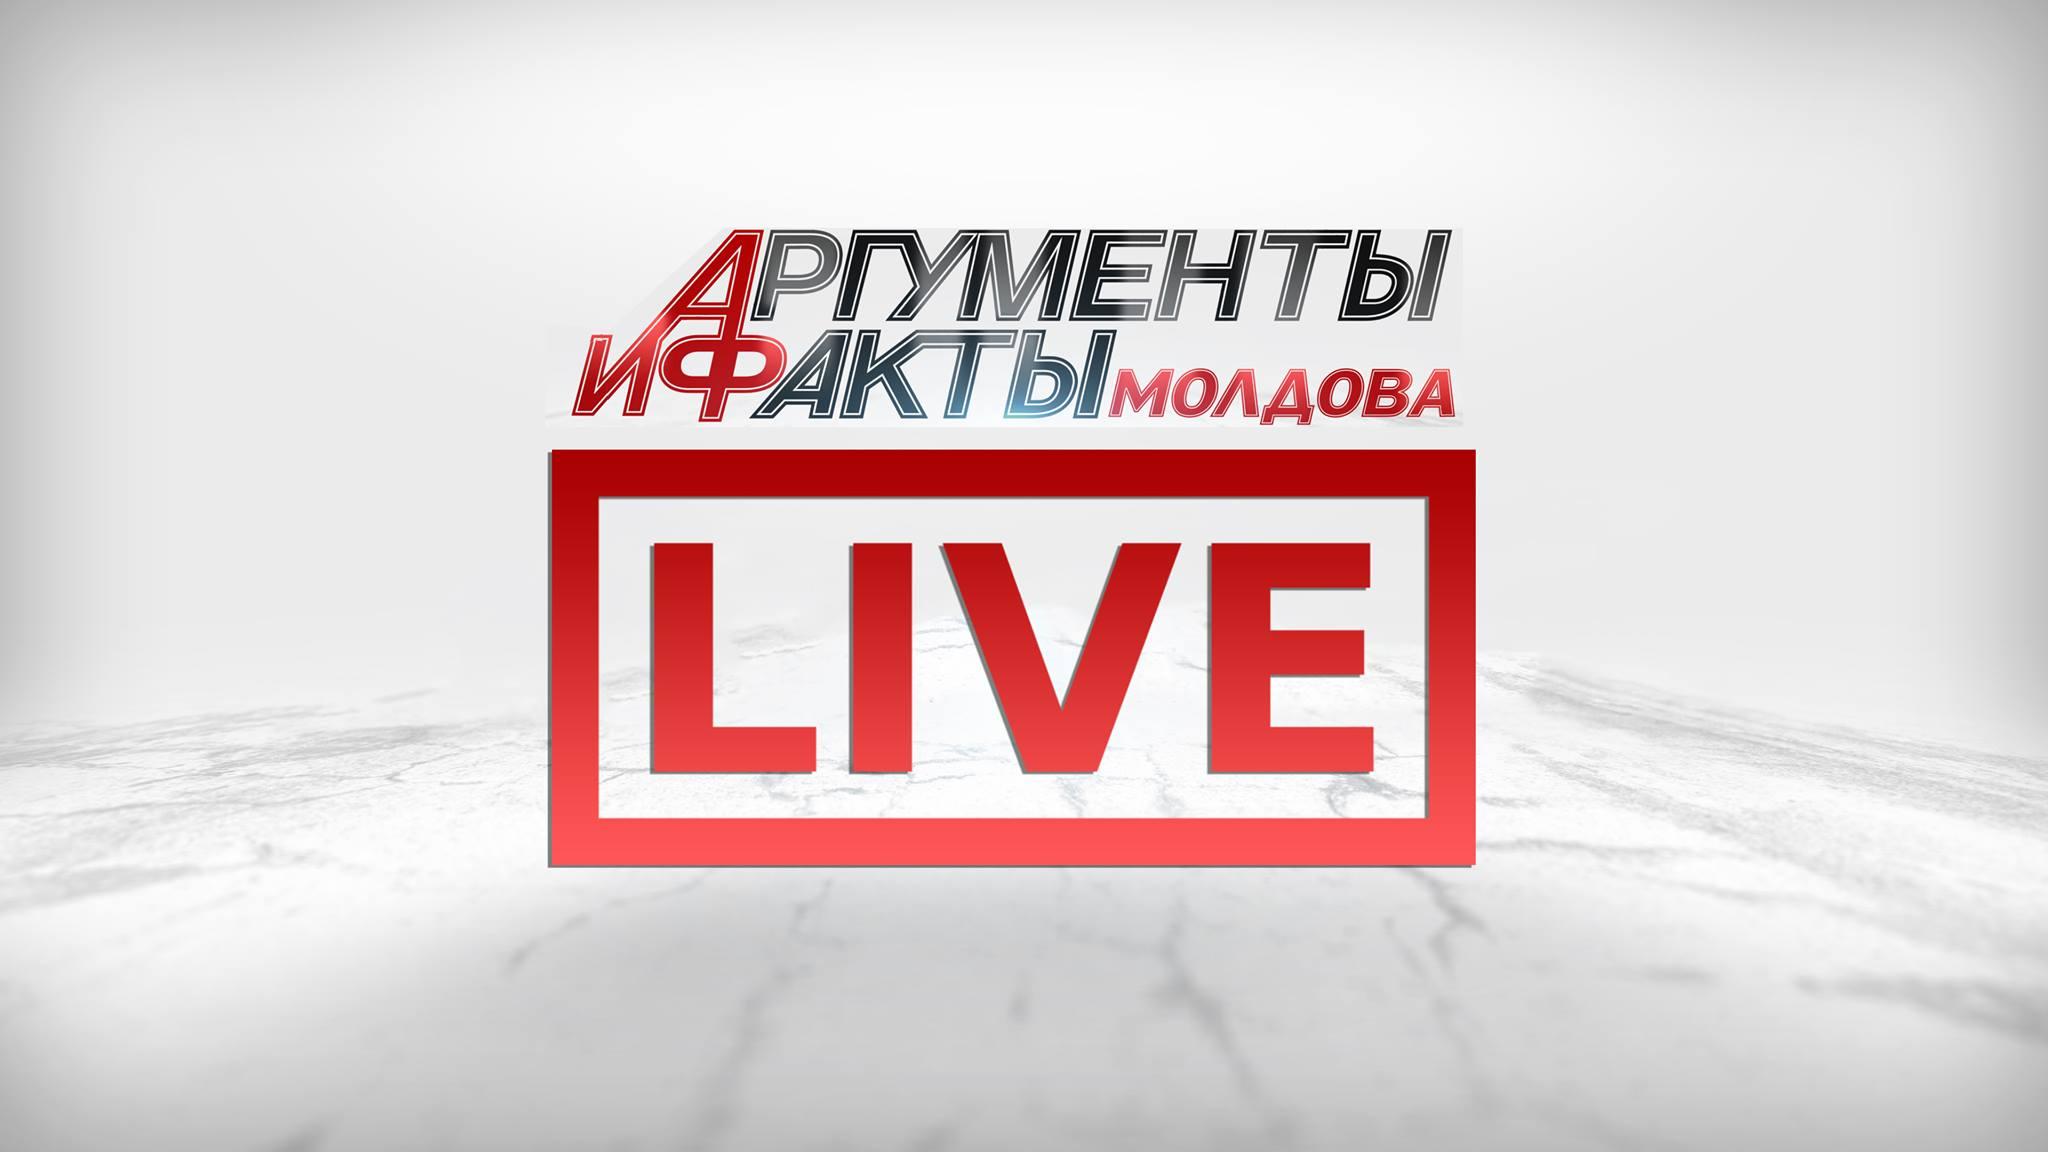 LIVE! Конституционный суд Молдовы рассматривает скандальный запрос либералов против русского языка (ВИДЕО)